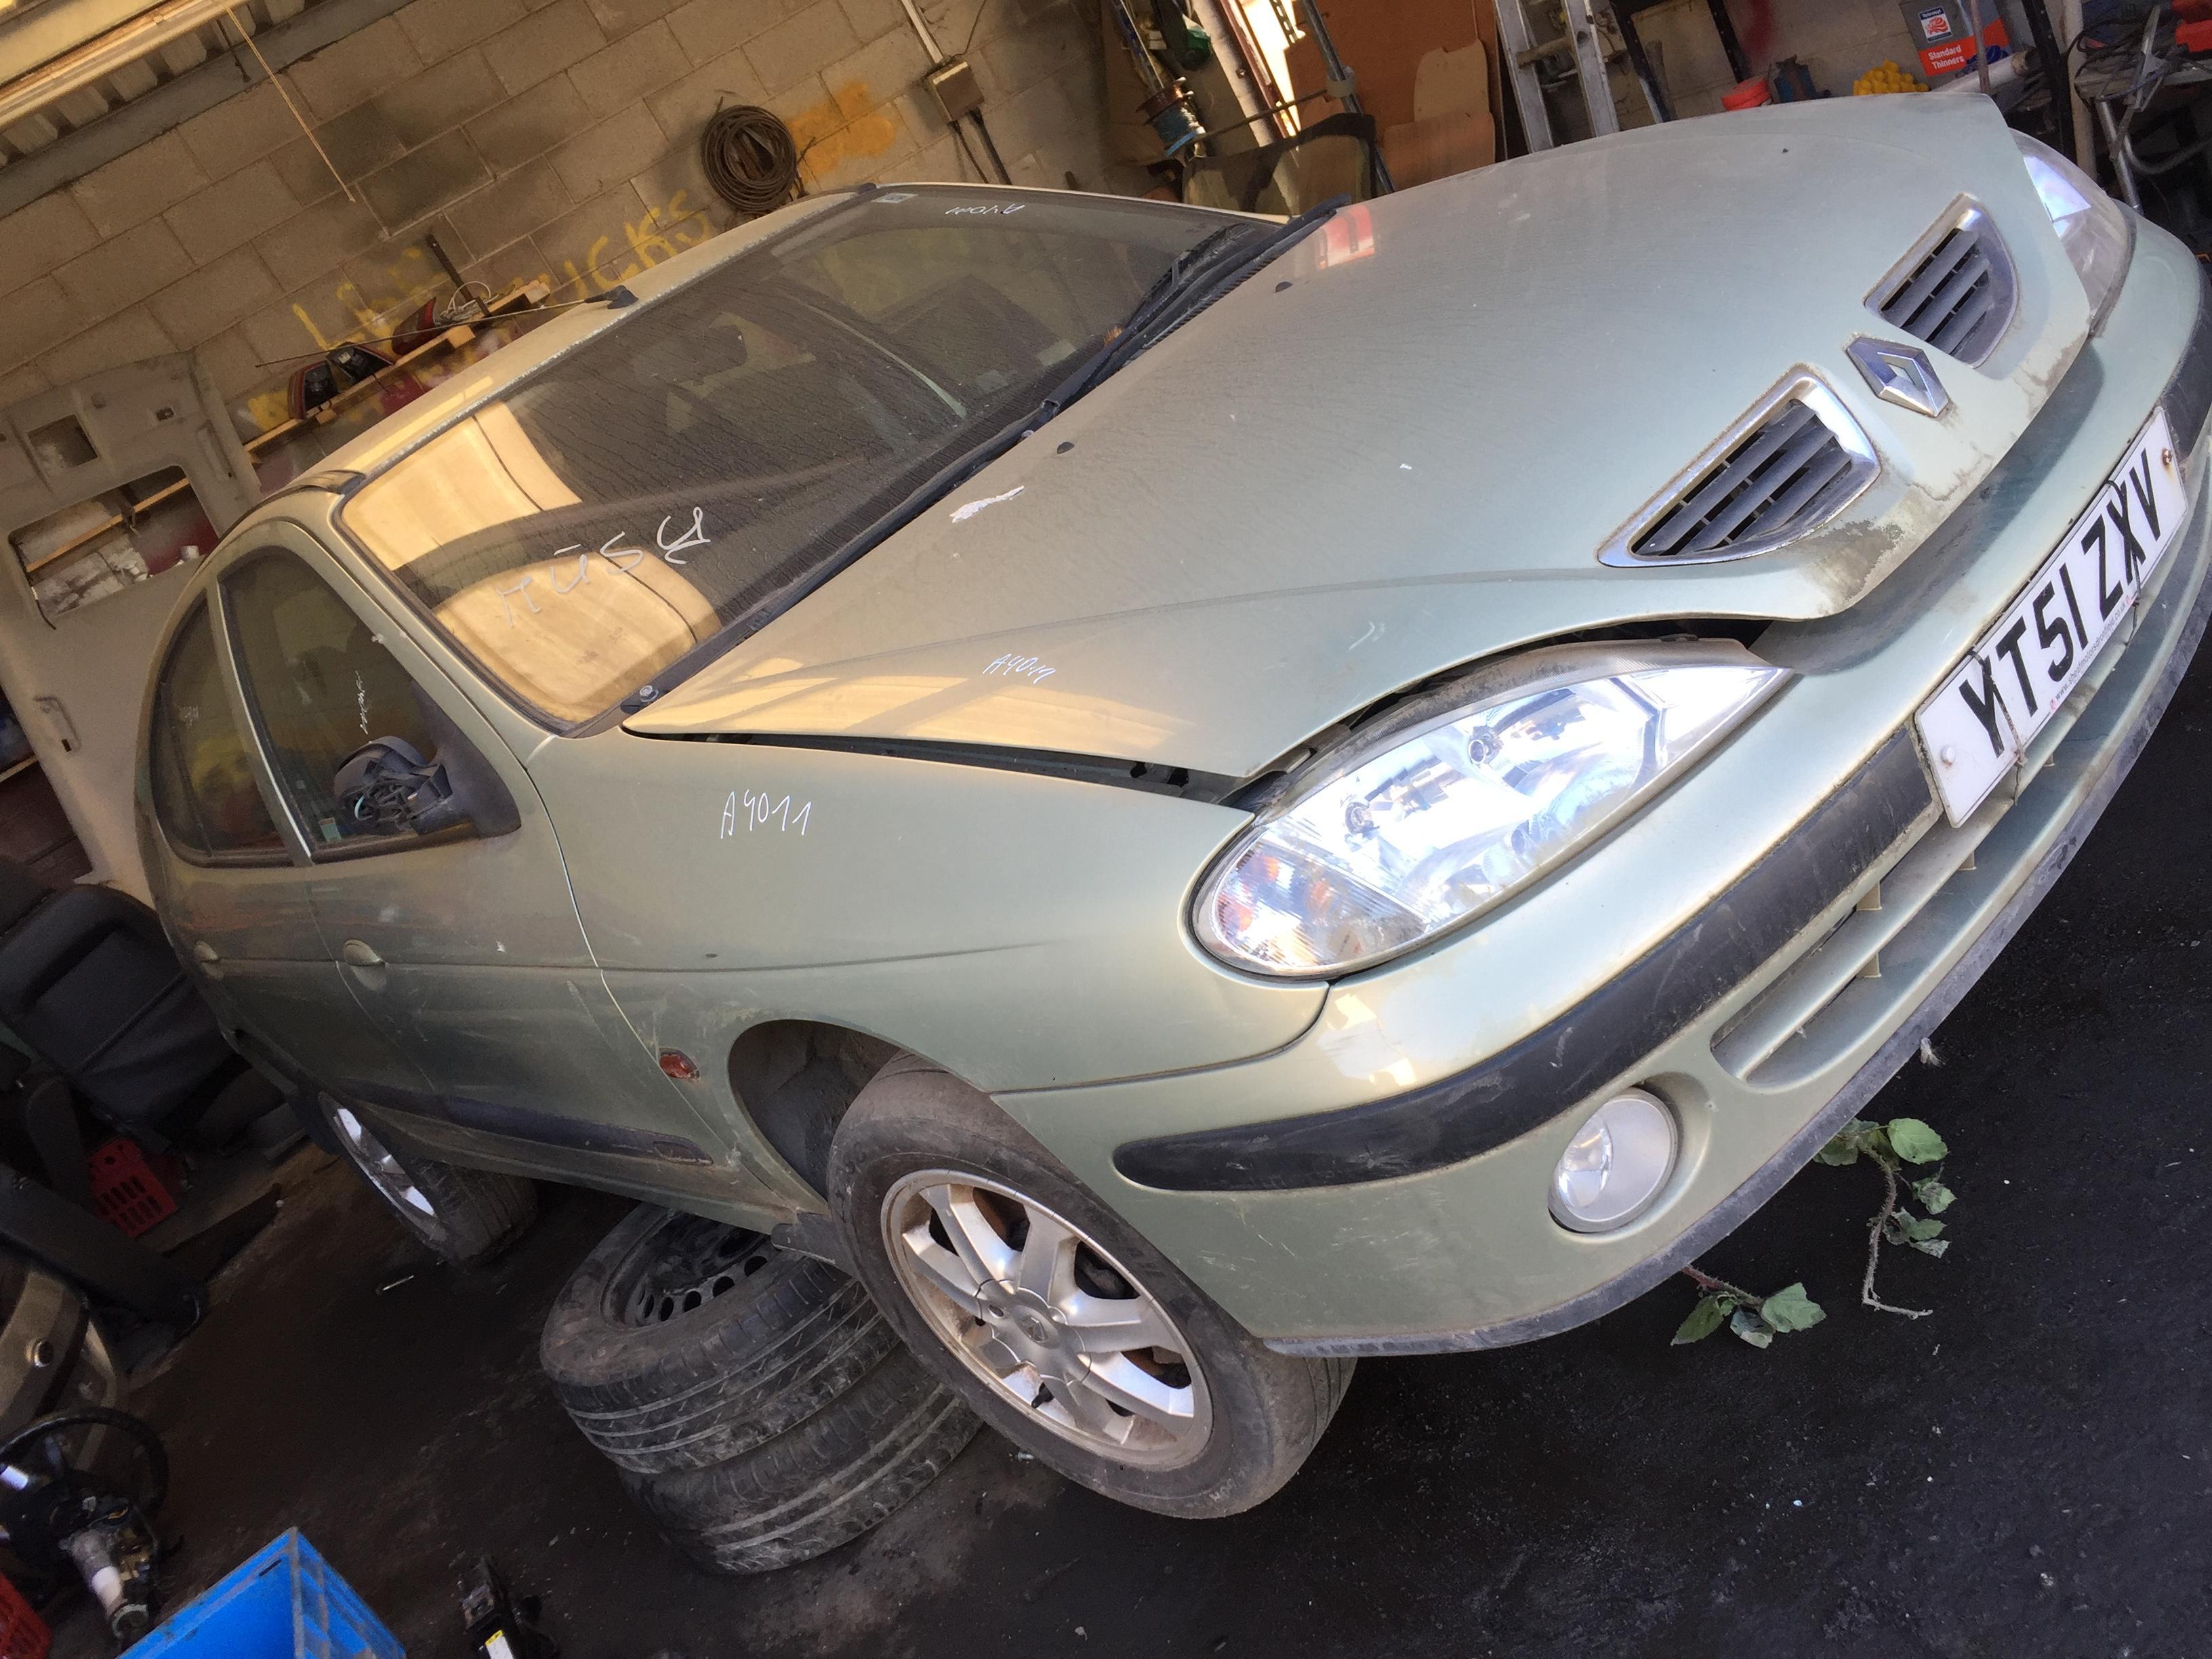 7703397911 1096046 8200029340b Fuse Box Renault Megane 2001 16l Water Foto 3 199903 200210 Facelift Petrol 16